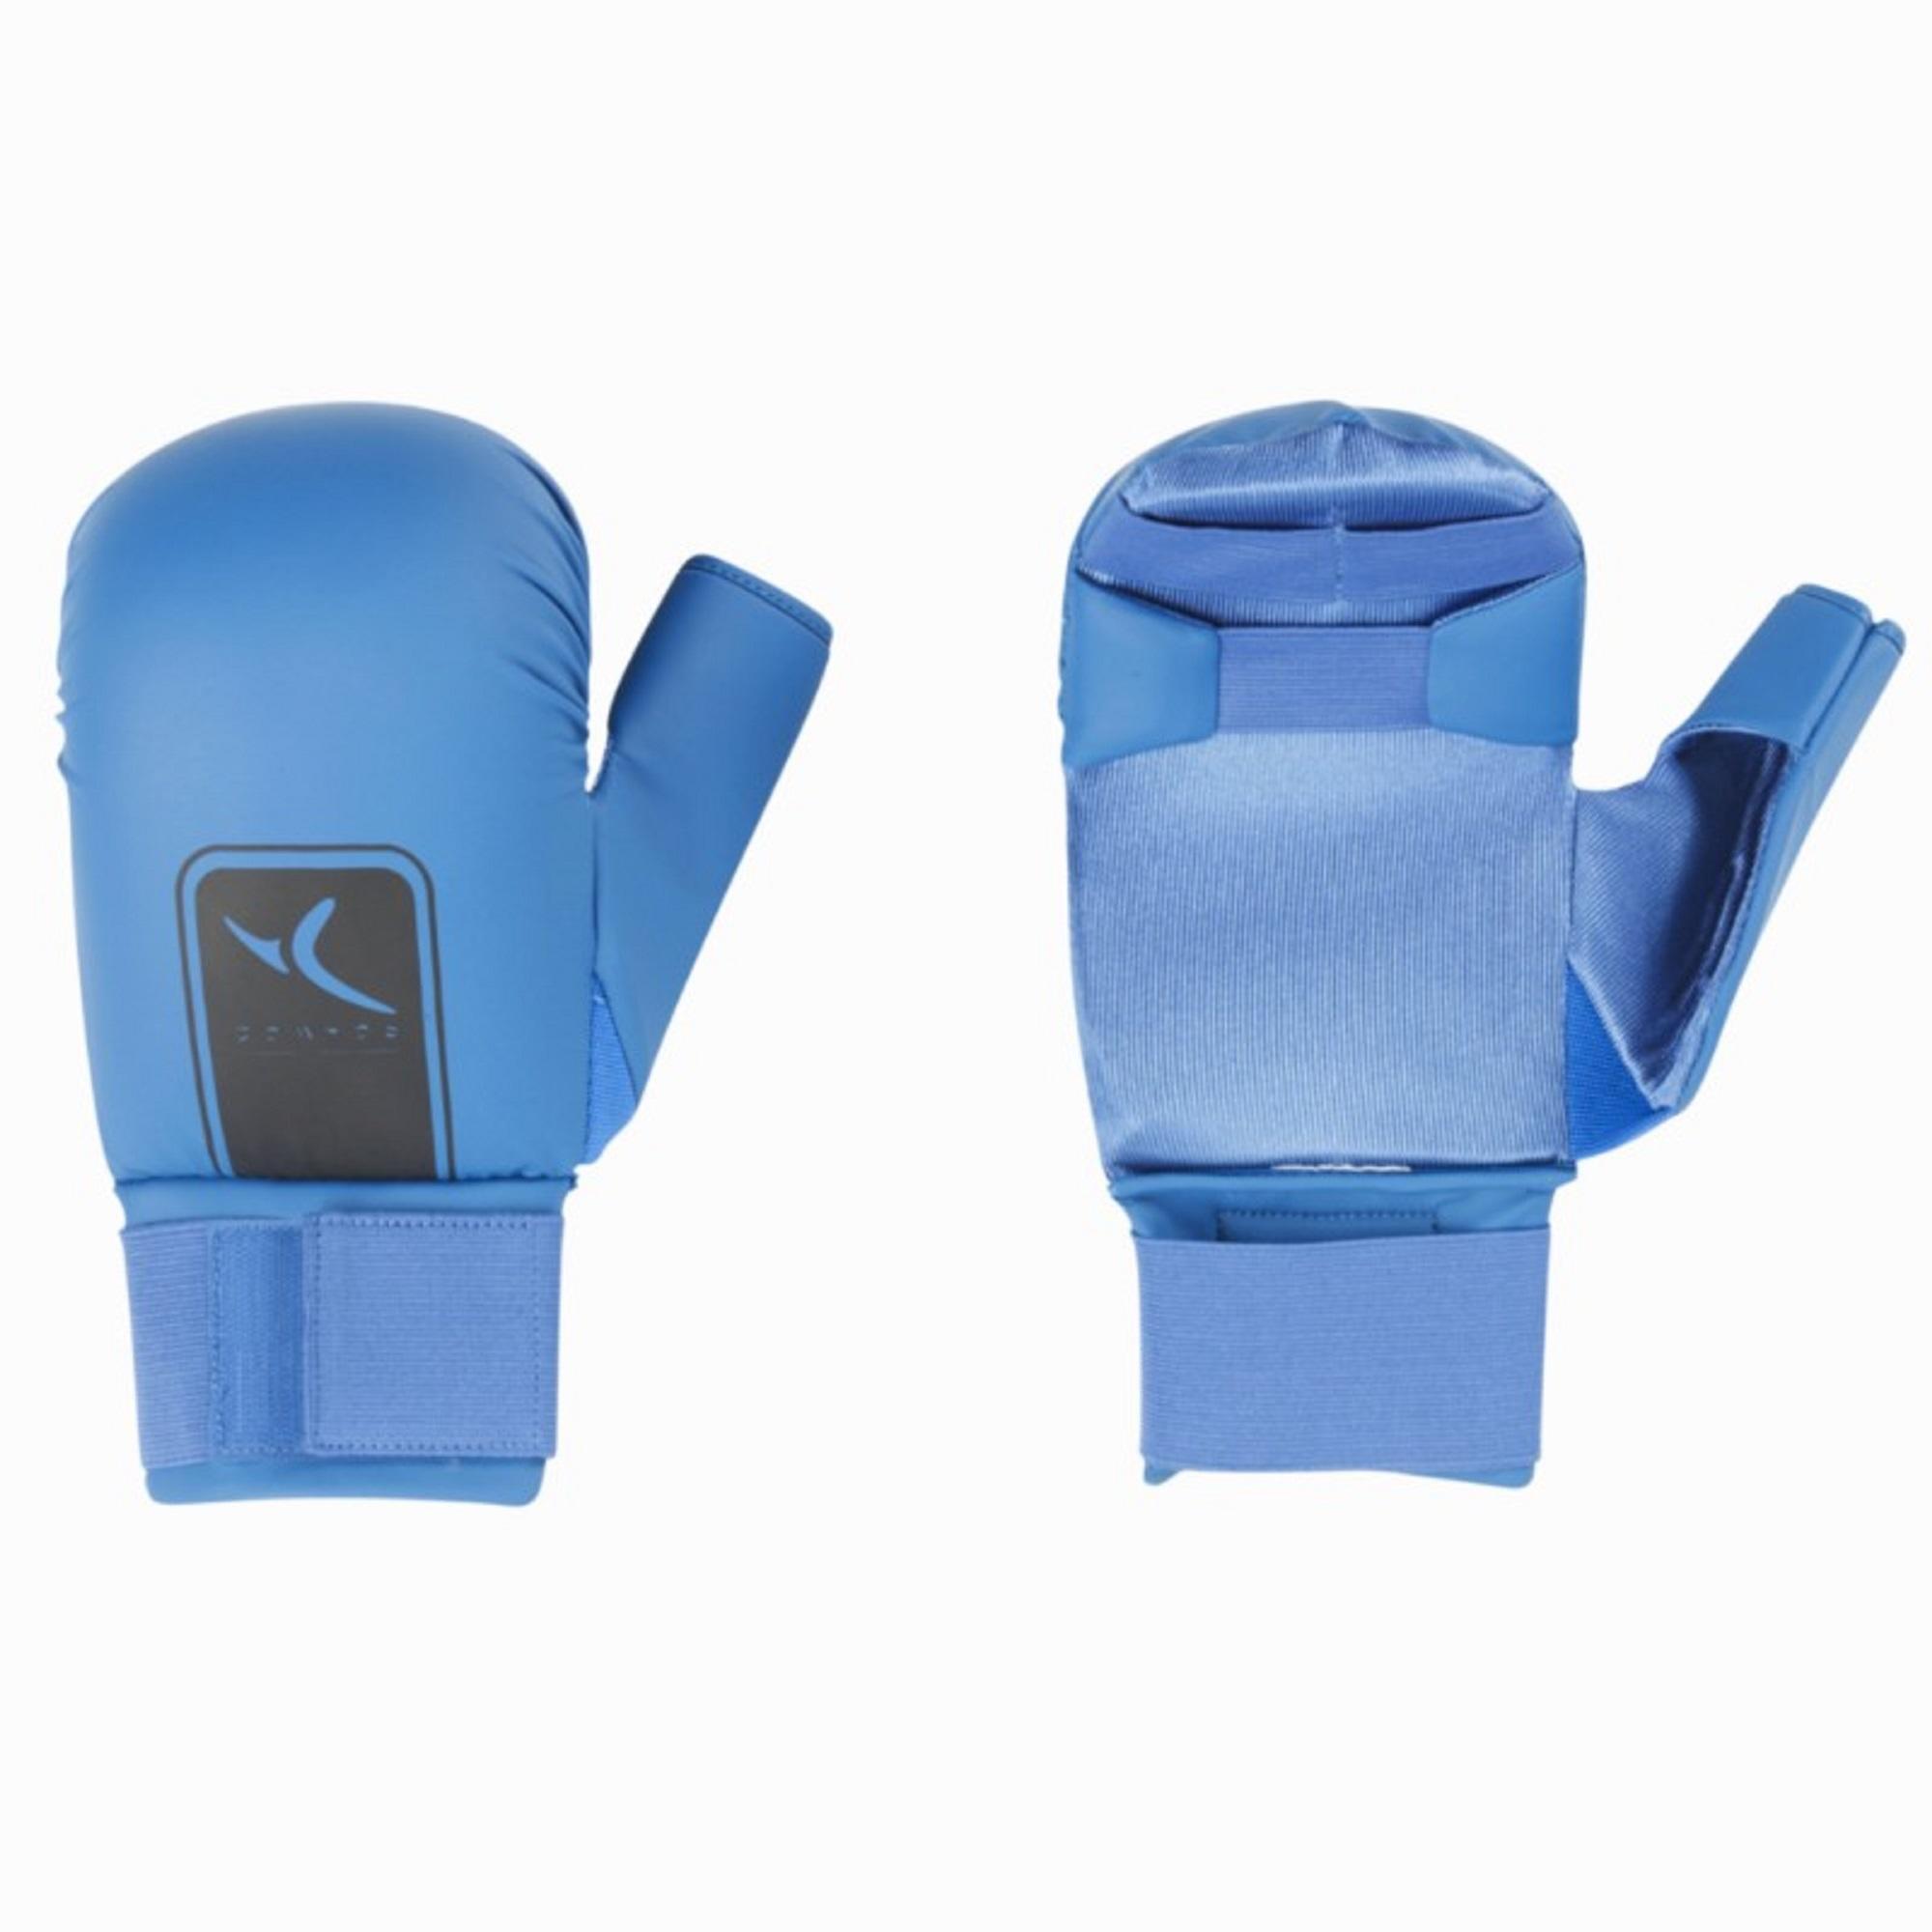 Mitene Karate Albastru imagine